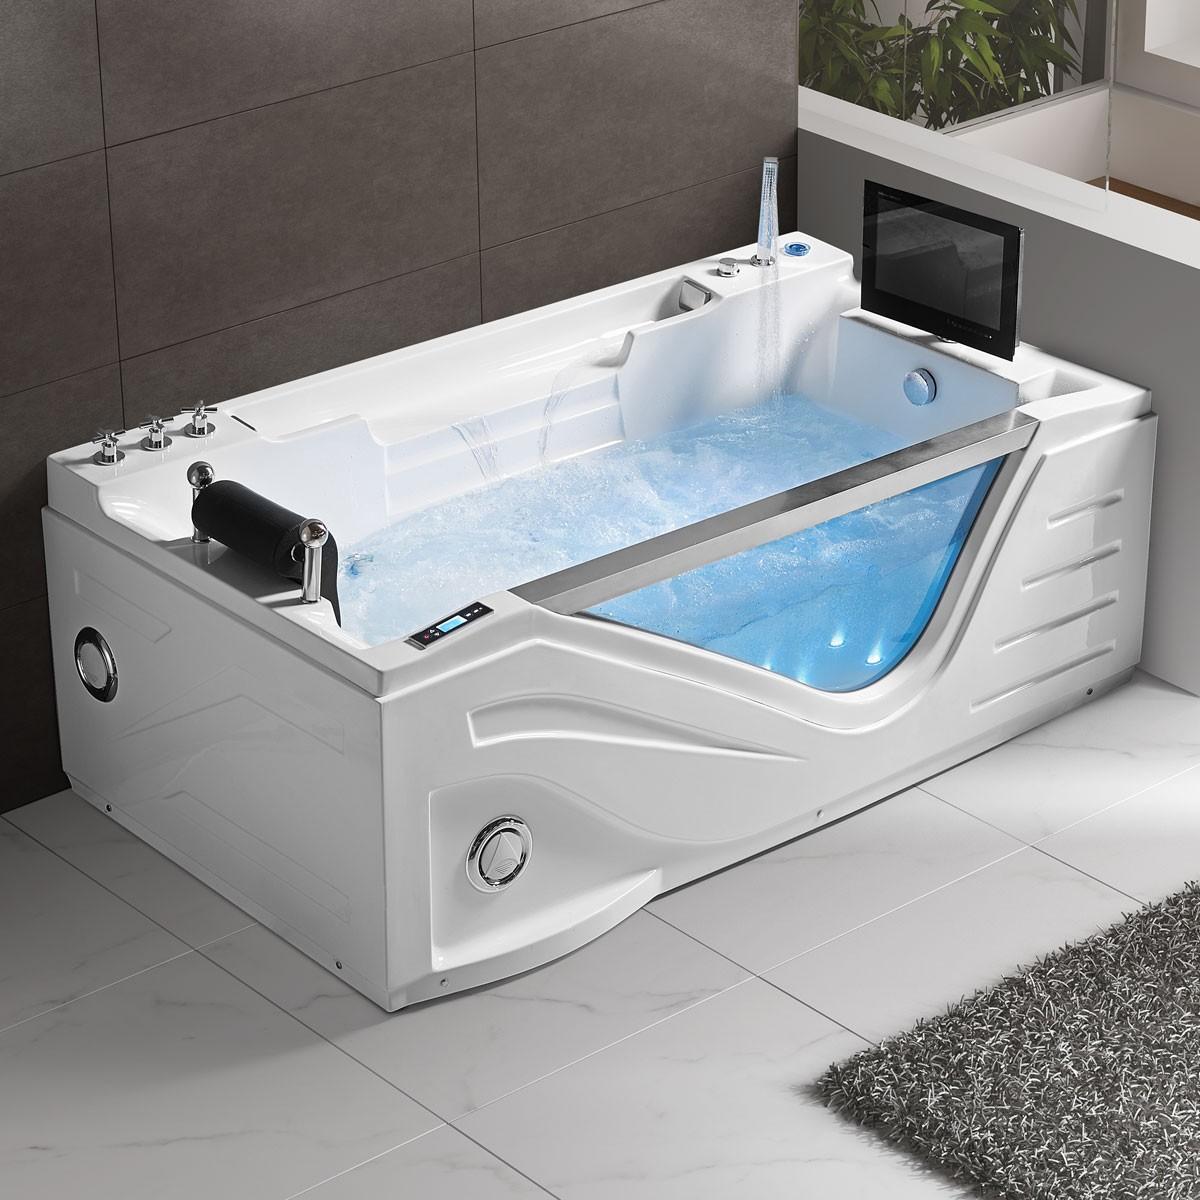 75 po baignoire bulle d 39 air avec contr le d 39 ordinateur et lumi re dk q325s decoraport canada. Black Bedroom Furniture Sets. Home Design Ideas